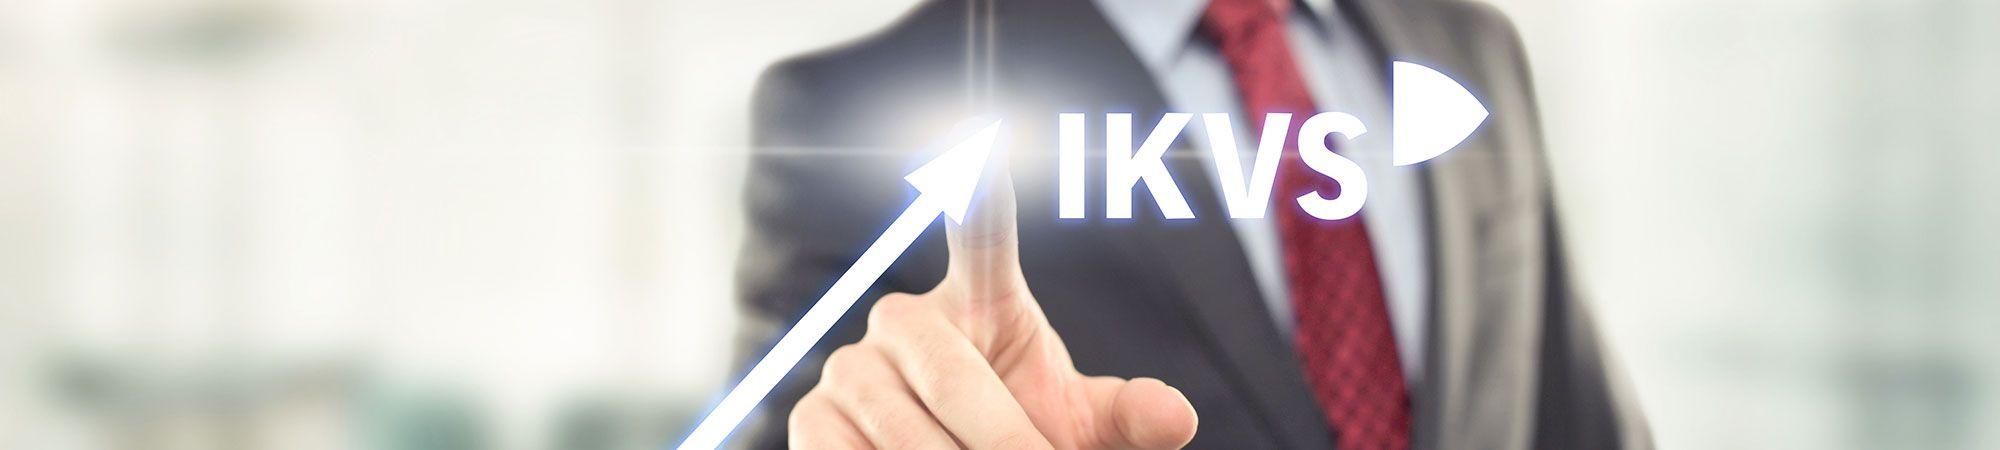 Werte von Axians IKVS